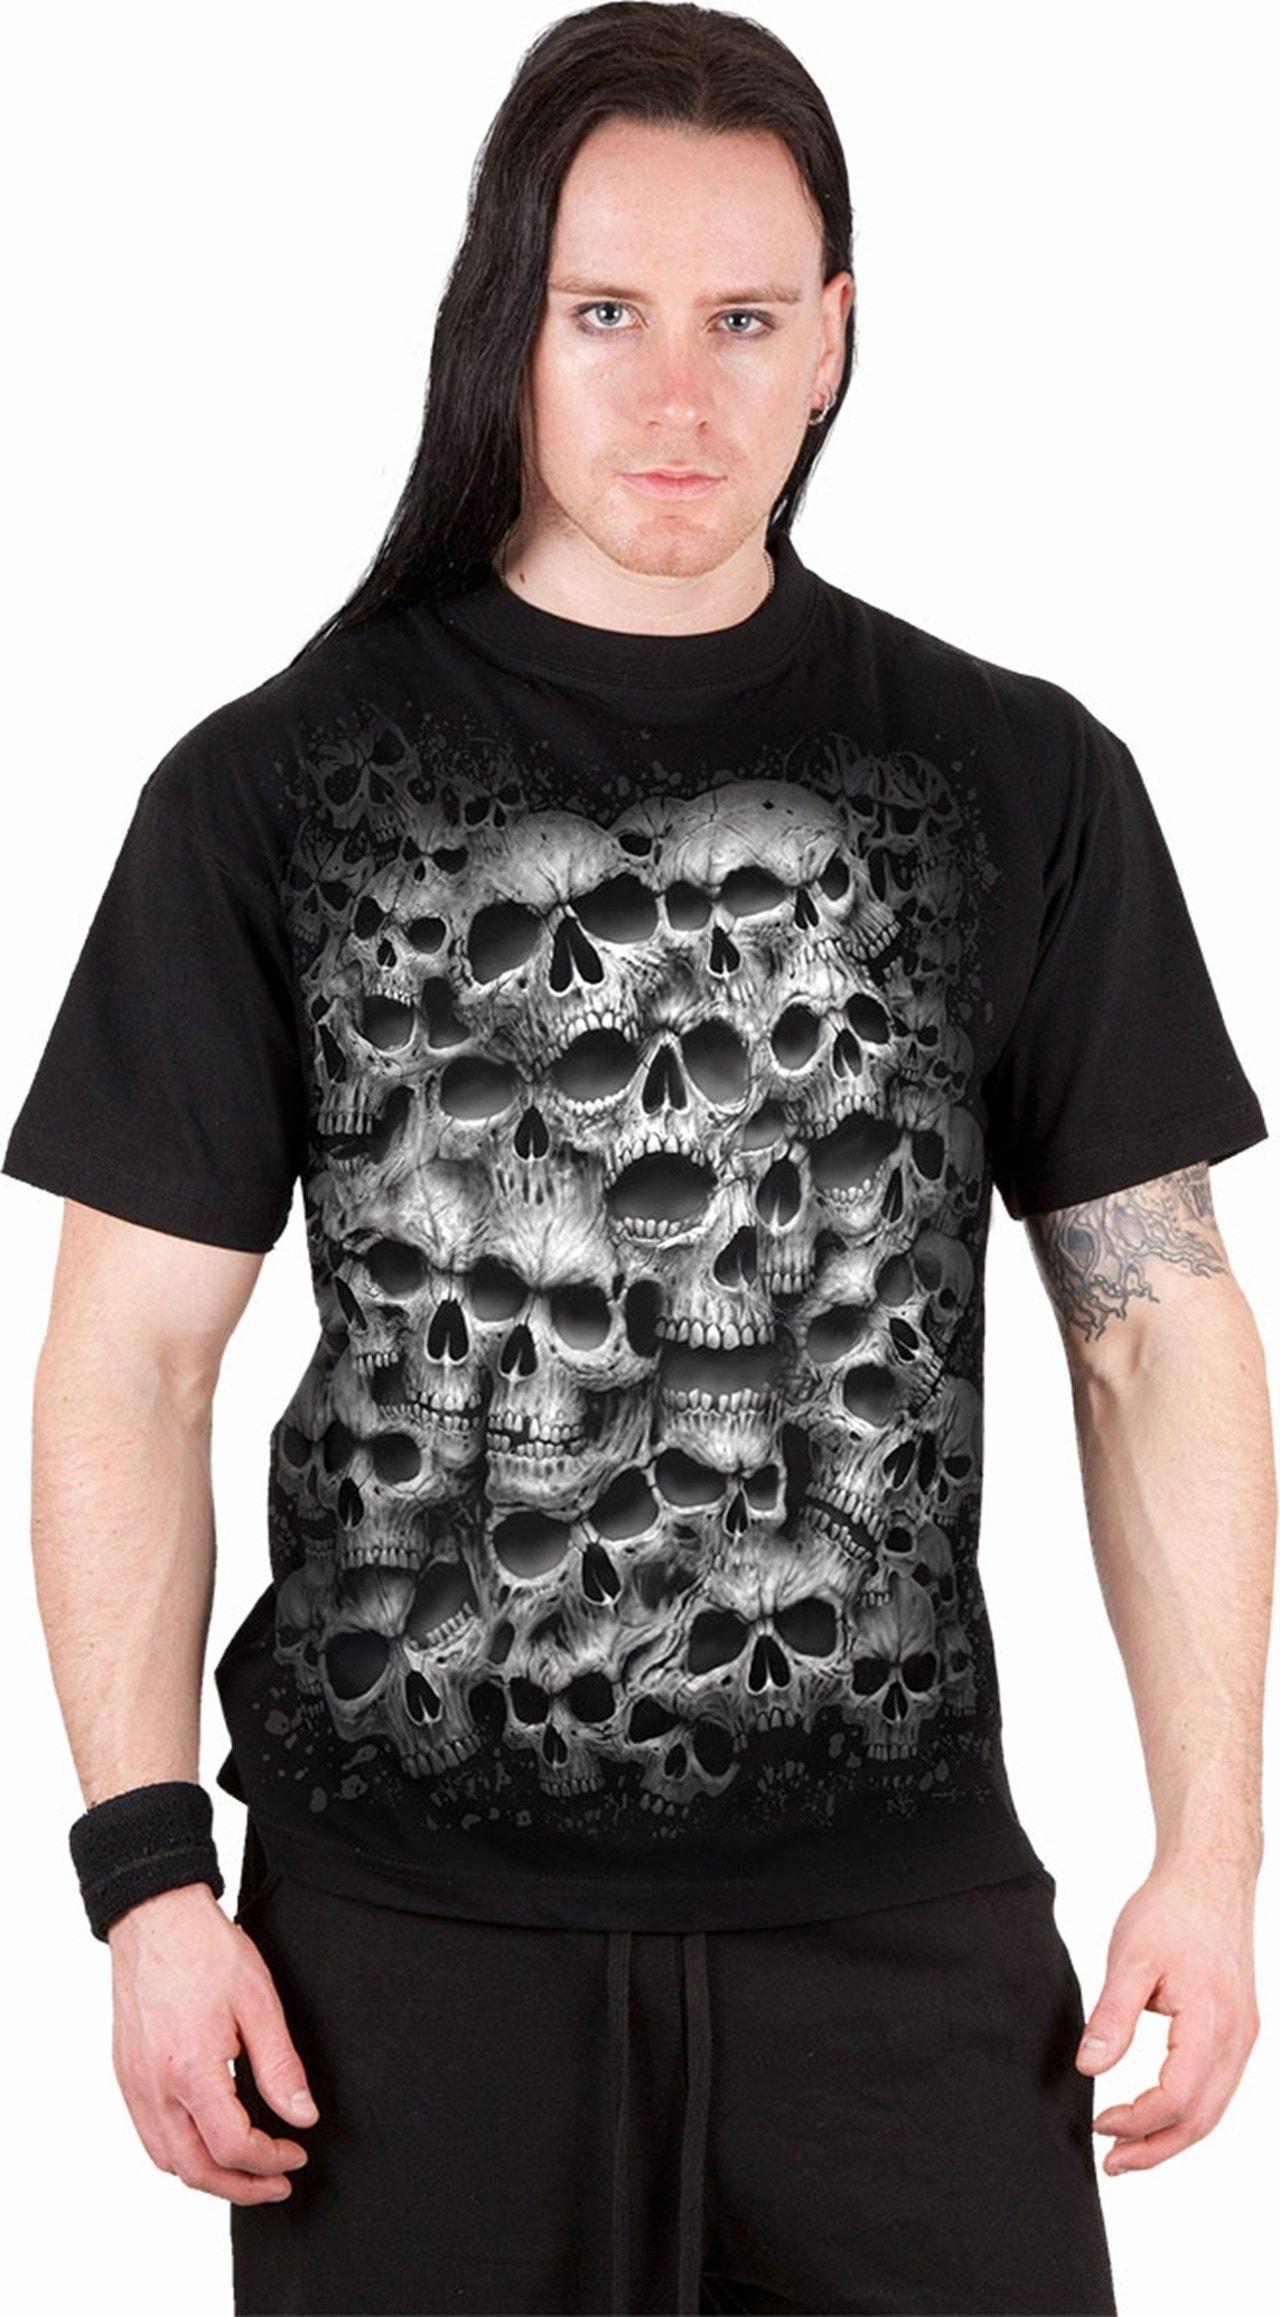 Spiral : Black Twisted Skulls (Small) - 3